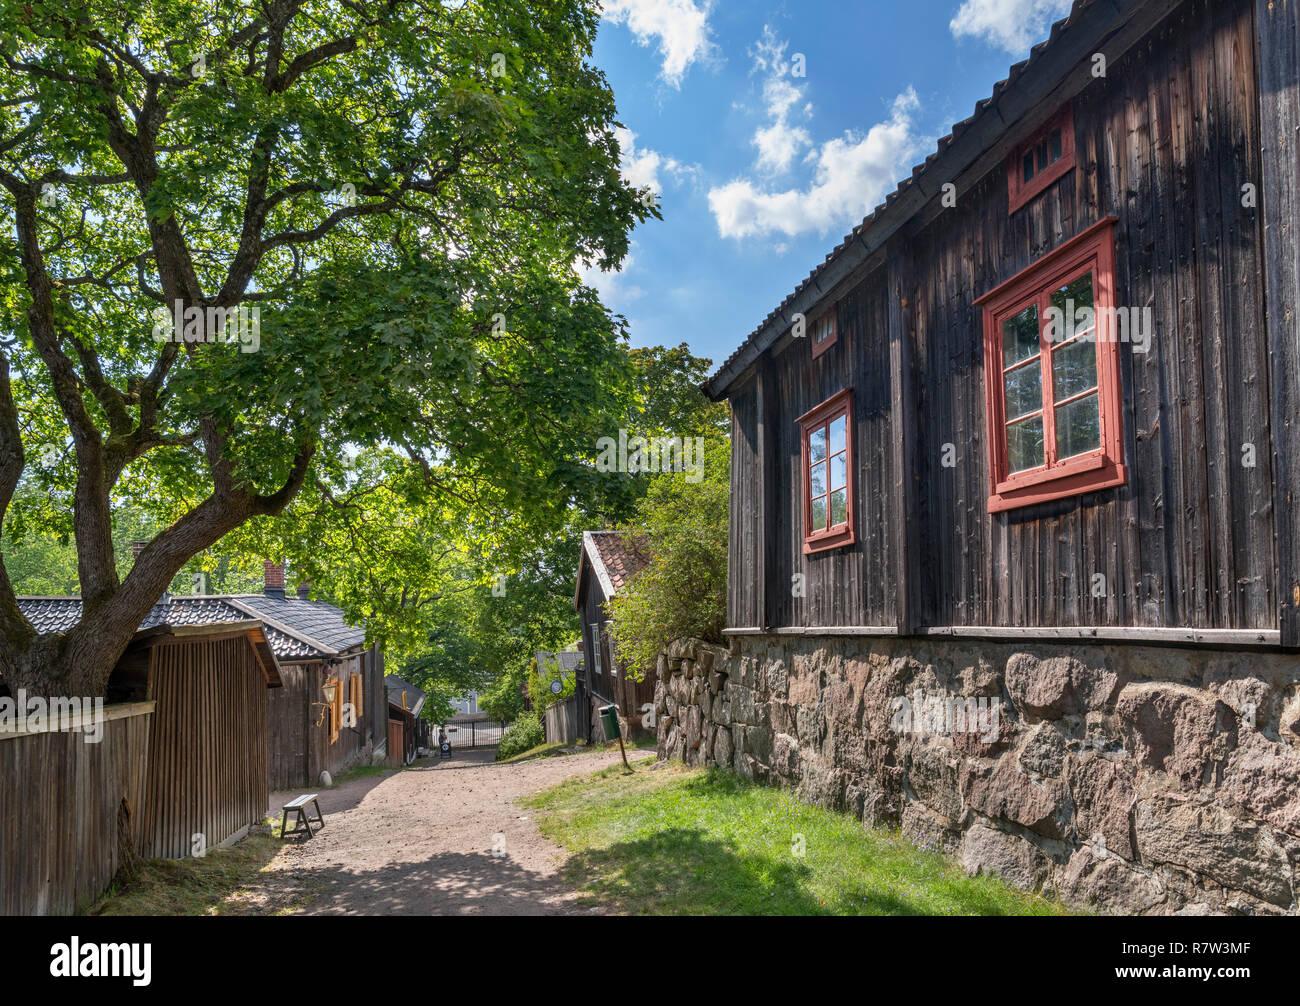 Museo de artesanía Luostarinmäki, una zona de edificios de madera de 200 años de antigüedad que sobrevivió al incendio de 1827, Turku, Finlandia Imagen De Stock